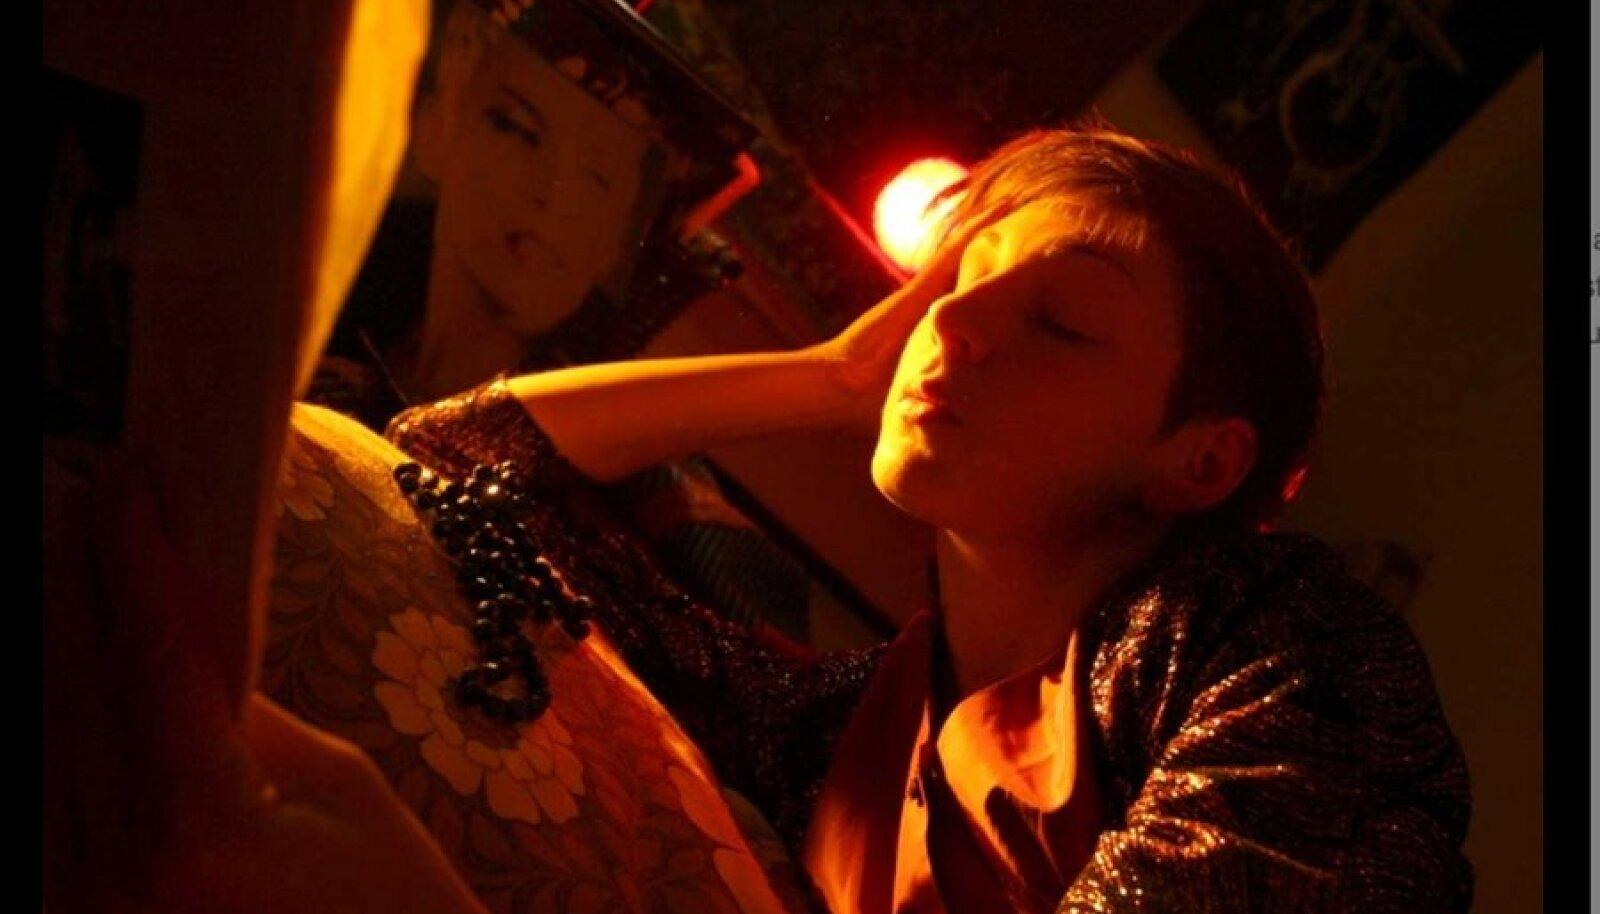 Ilus kaos: Leila (Riina Maidre) näol on rahu ainult uinudes või unistades. (Foto: Allfilm)